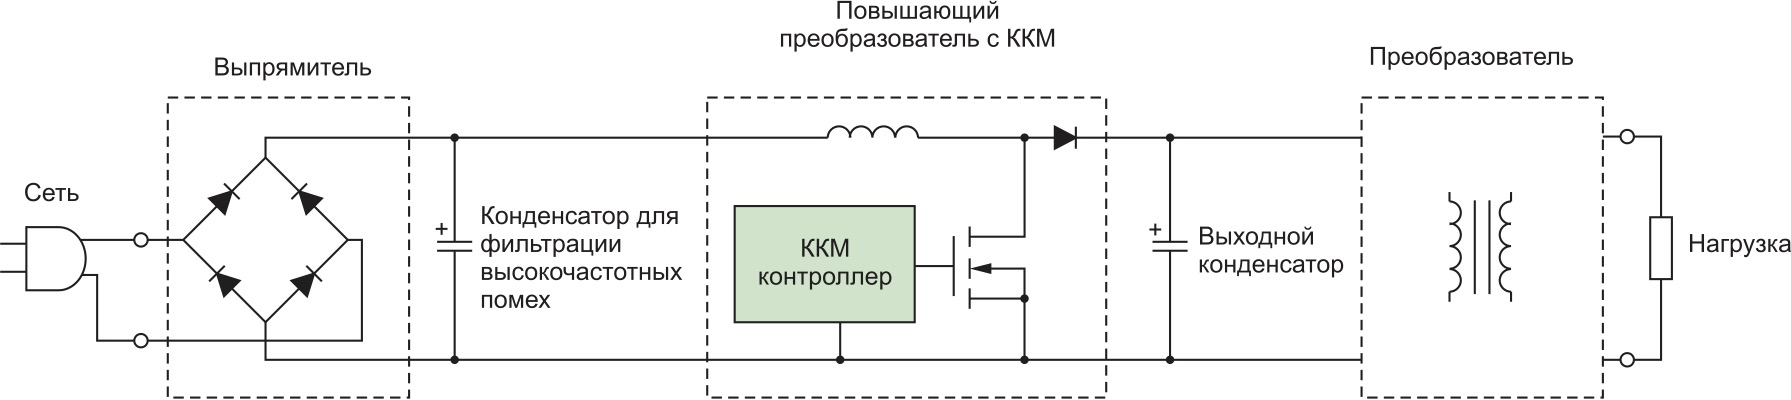 ККМ в структуре источника питания